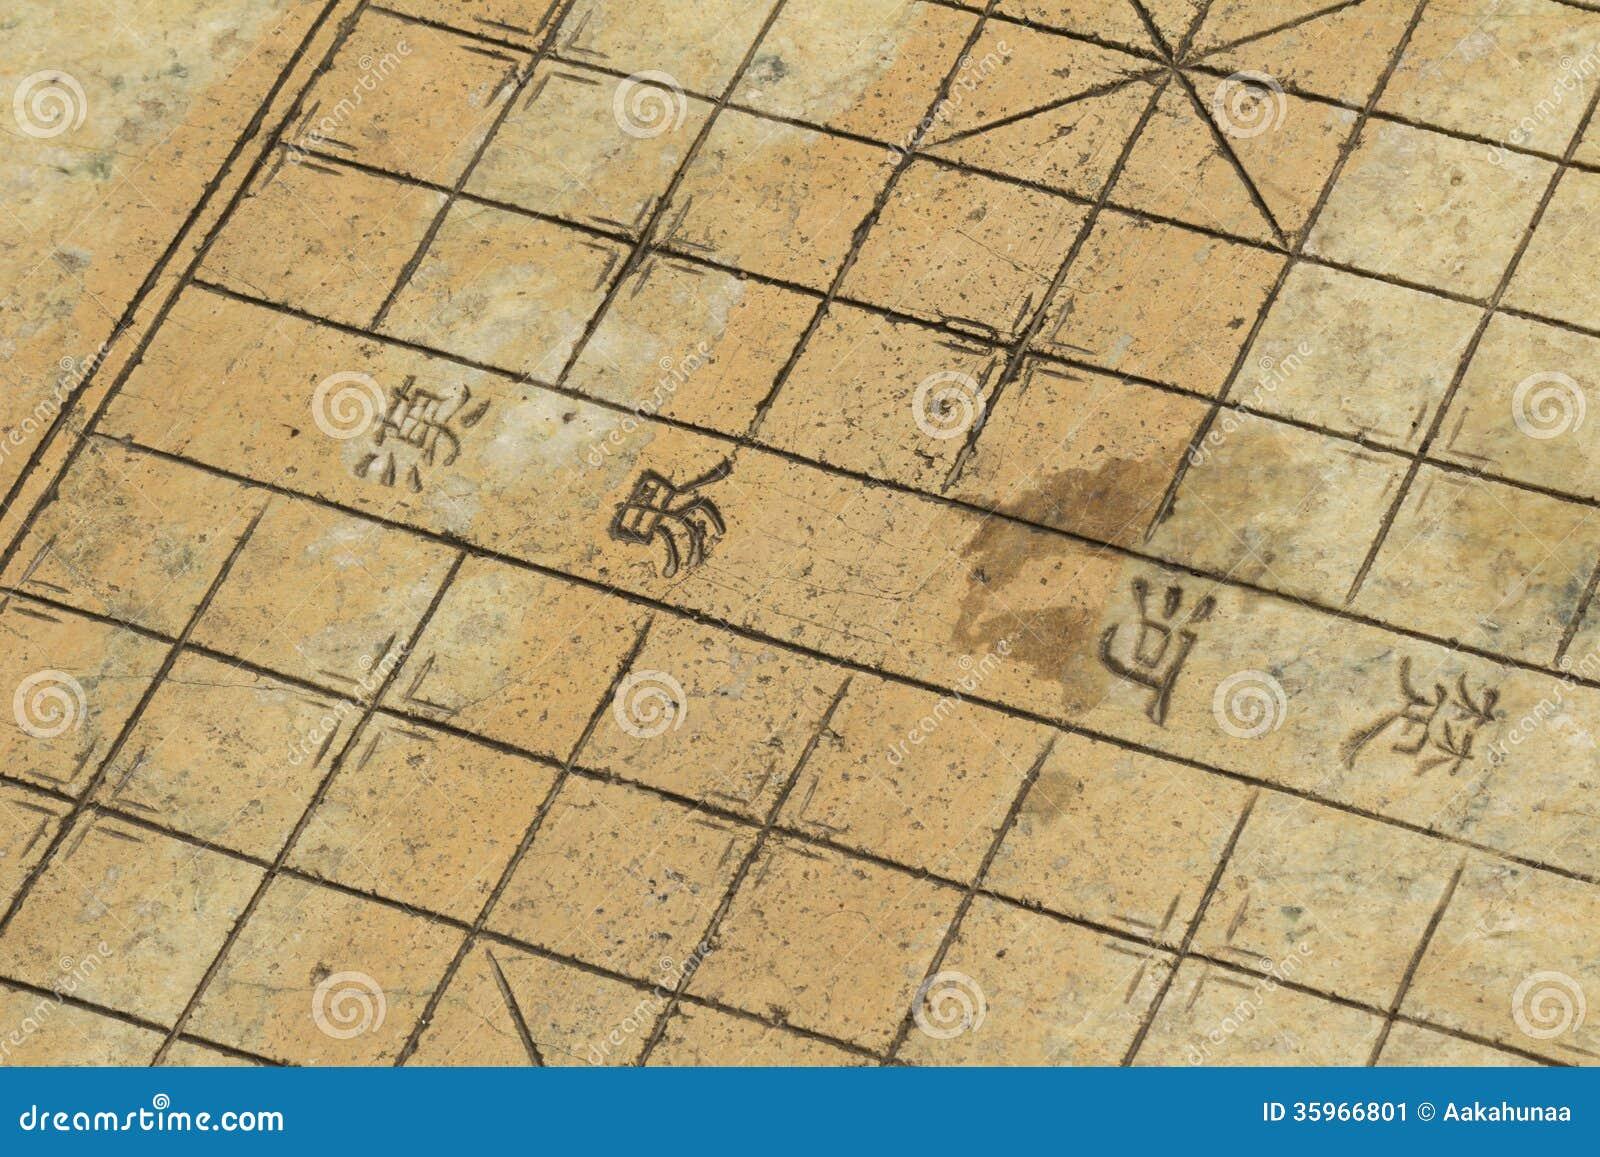 Tablero de ajedrez chino de piedra